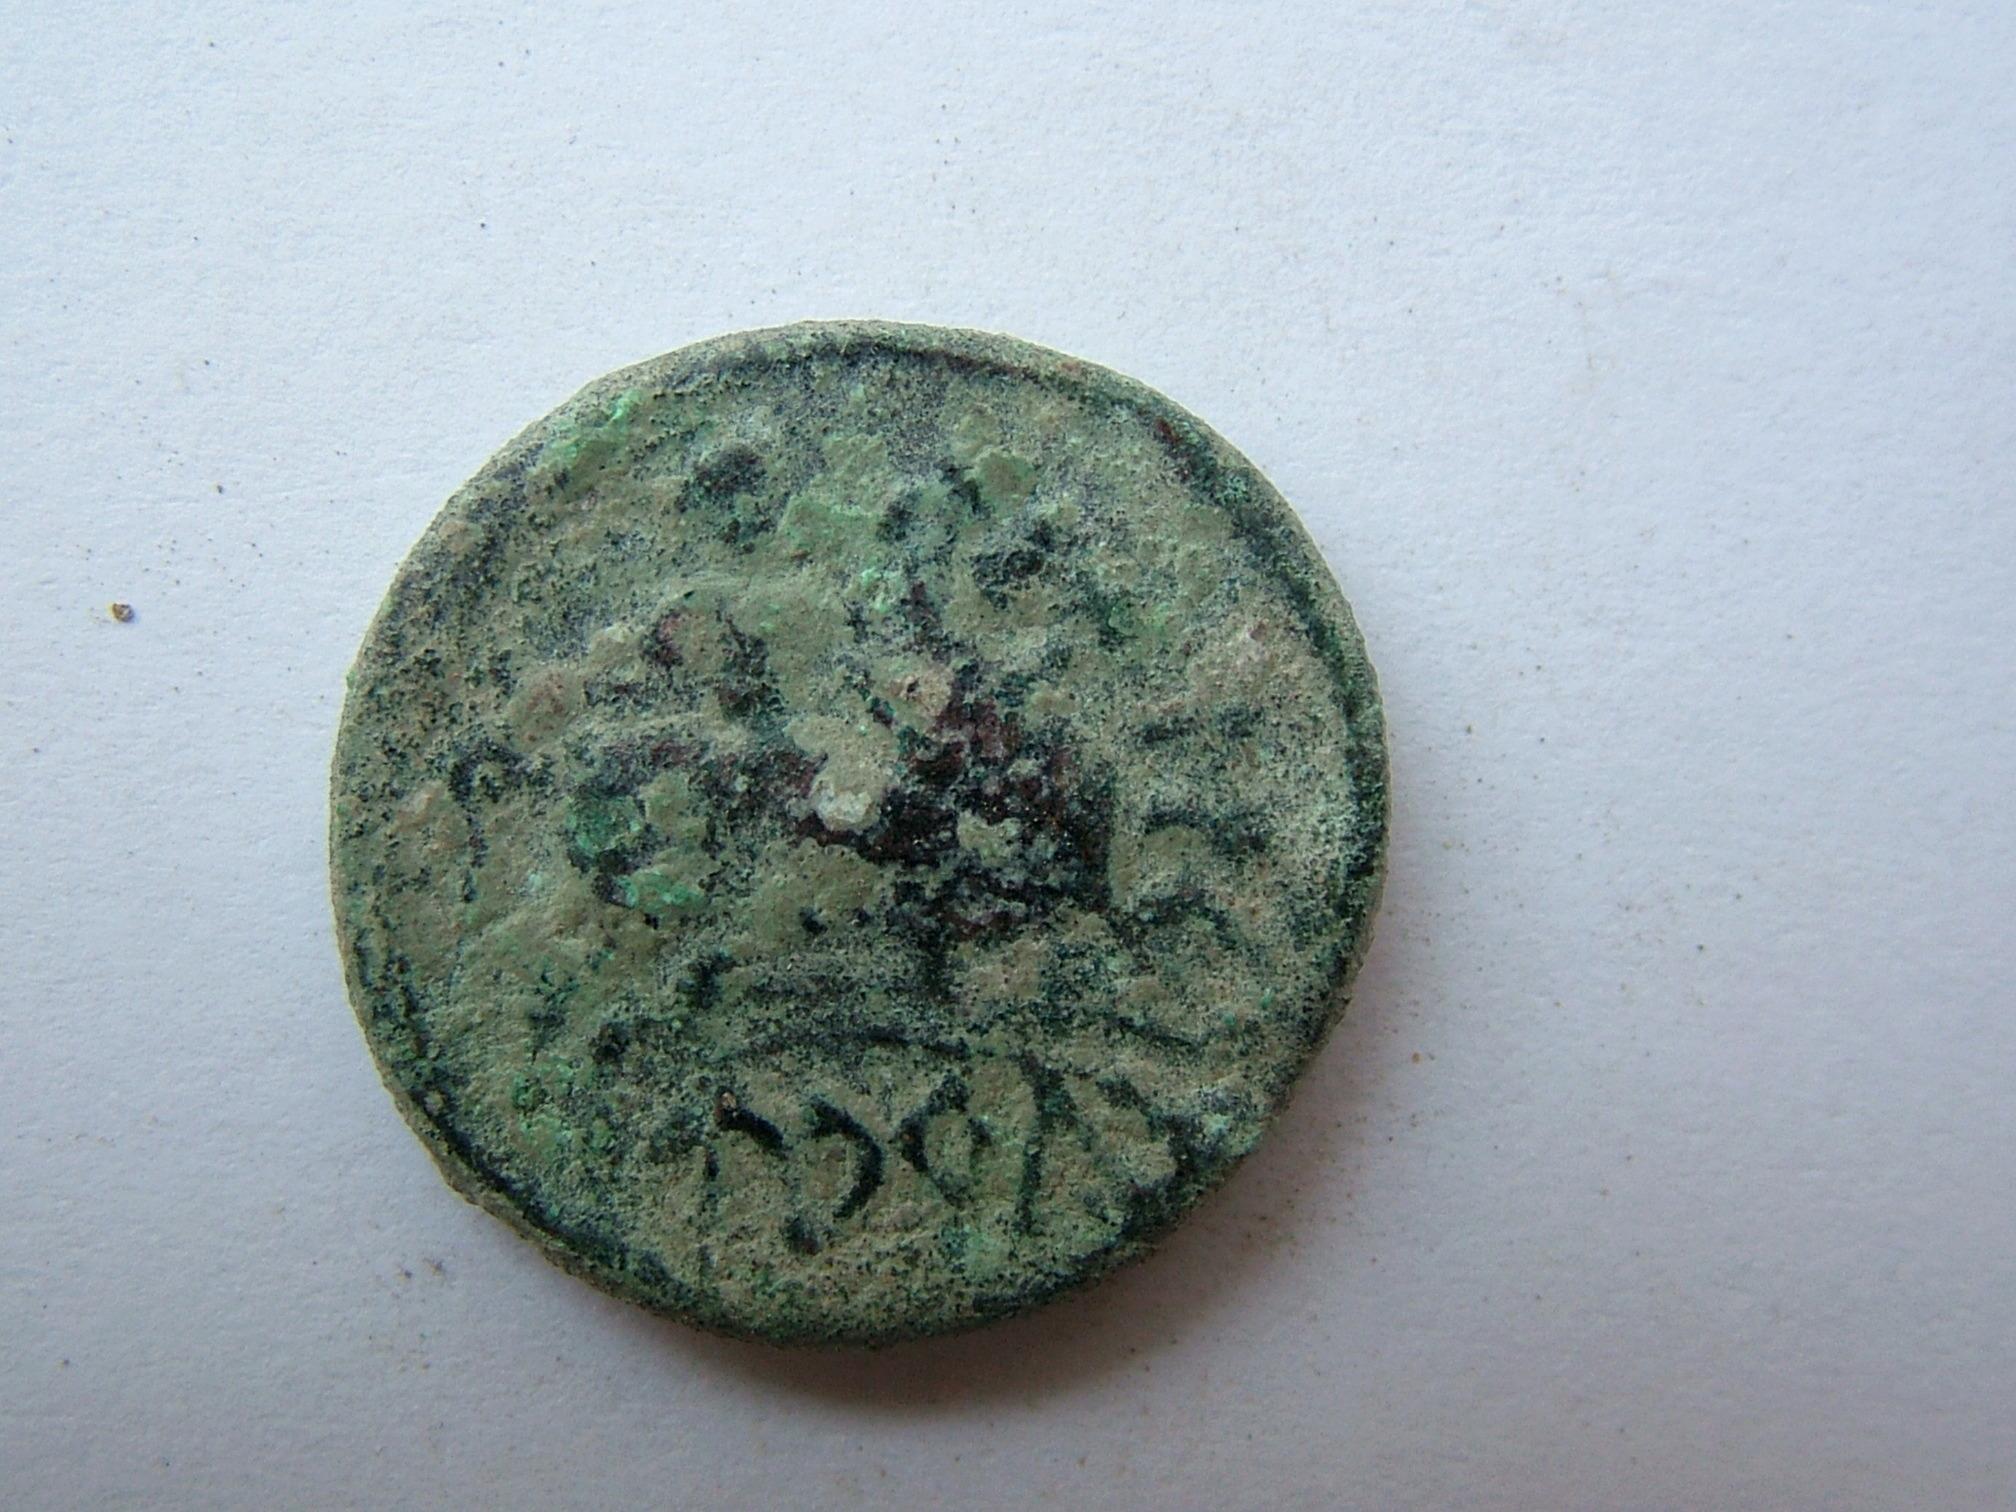 Imágenes a gran escala de pátinas y monedas falsas. Escalofriante (+18). 07re_10